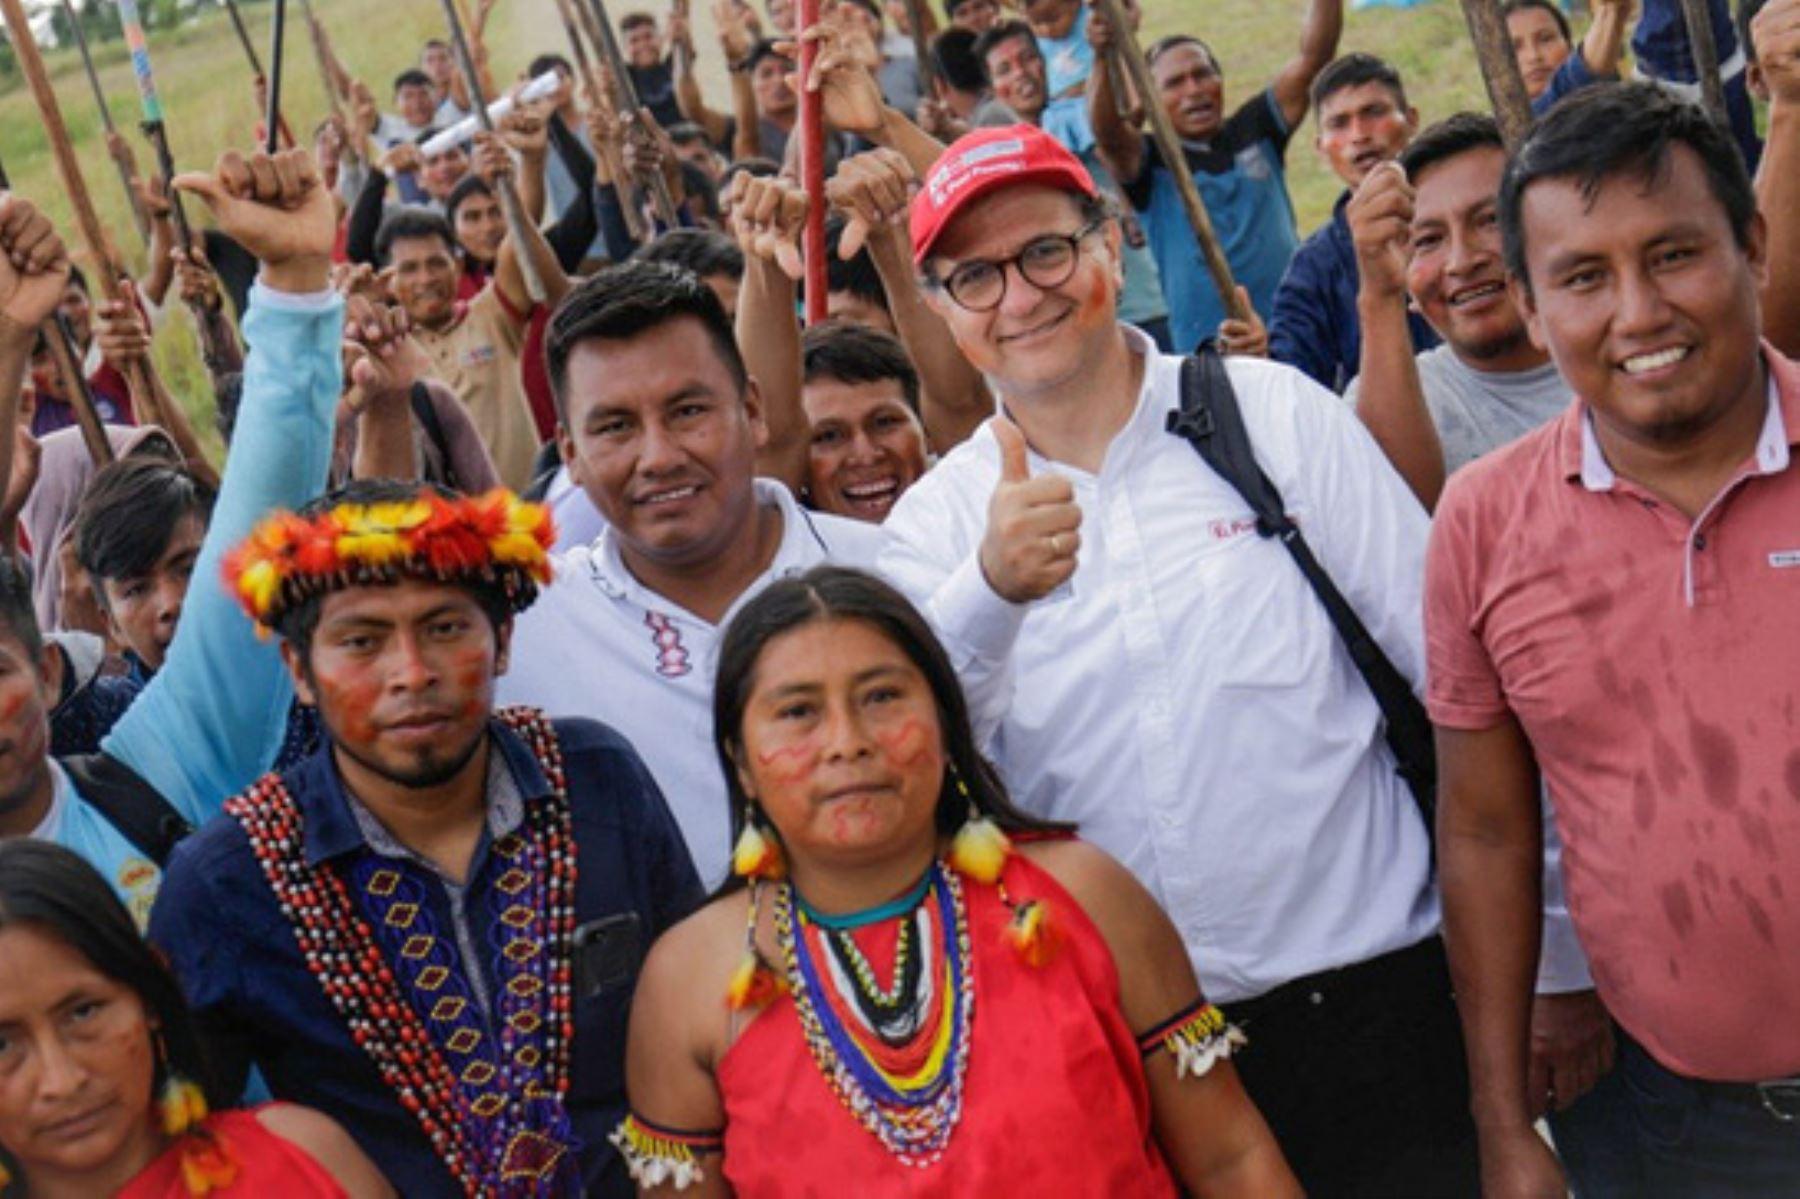 El titular de Energía y Minas, Francisco Ísmodes, resaltó el restablecimiento del diálogo con las federaciones indígenas de las comunidades colindantes al Oleoducto Norperuano.